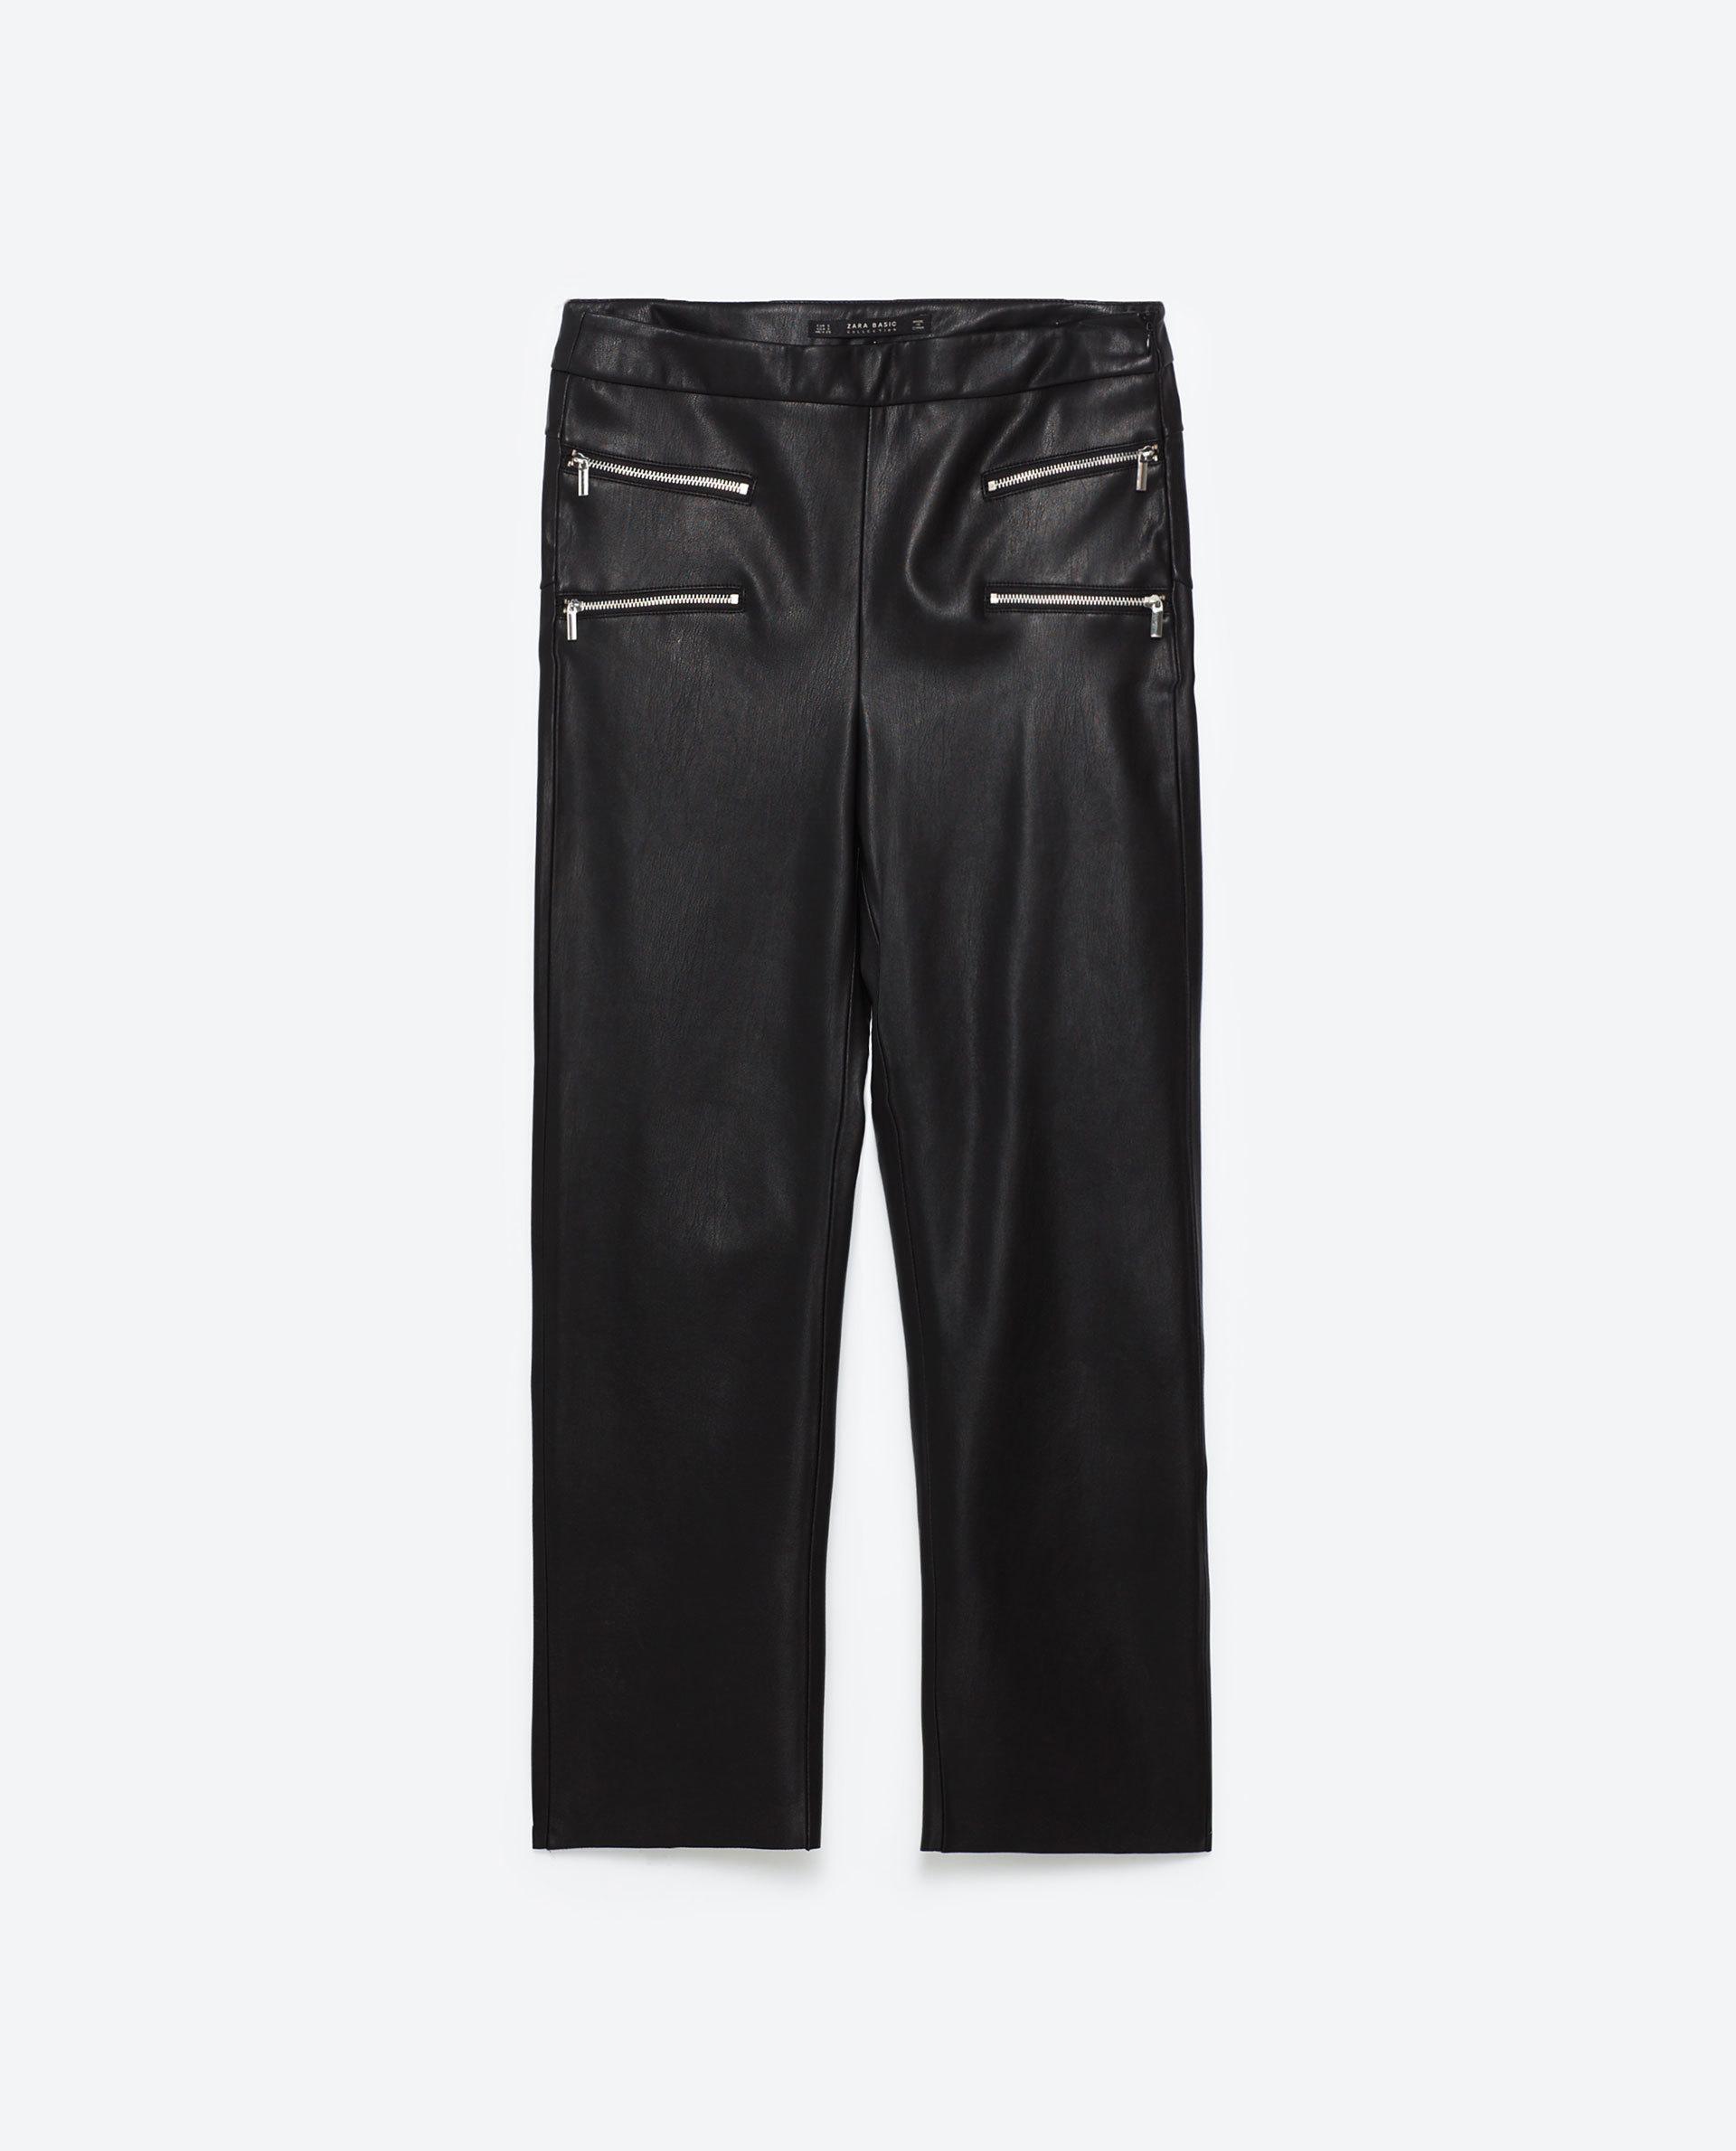 Pantalón cropped de polipiel. De Zara (19,99 euros).